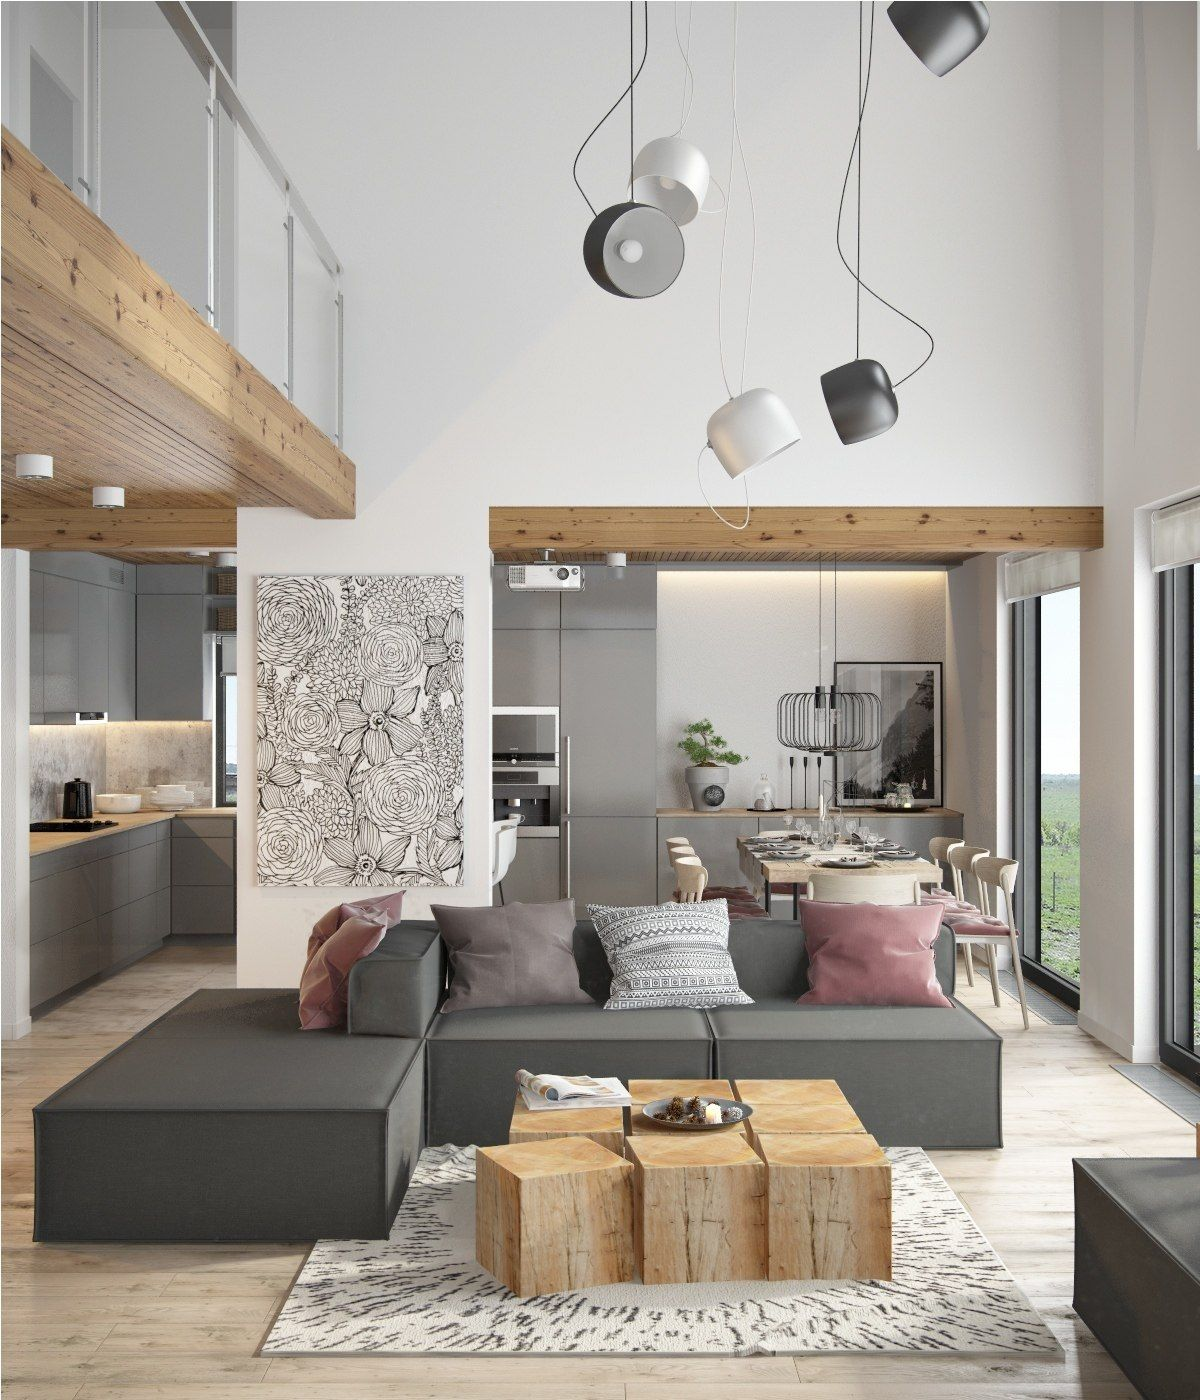 Home interior view modern home near lviv ukraine by designer marta gord  déco